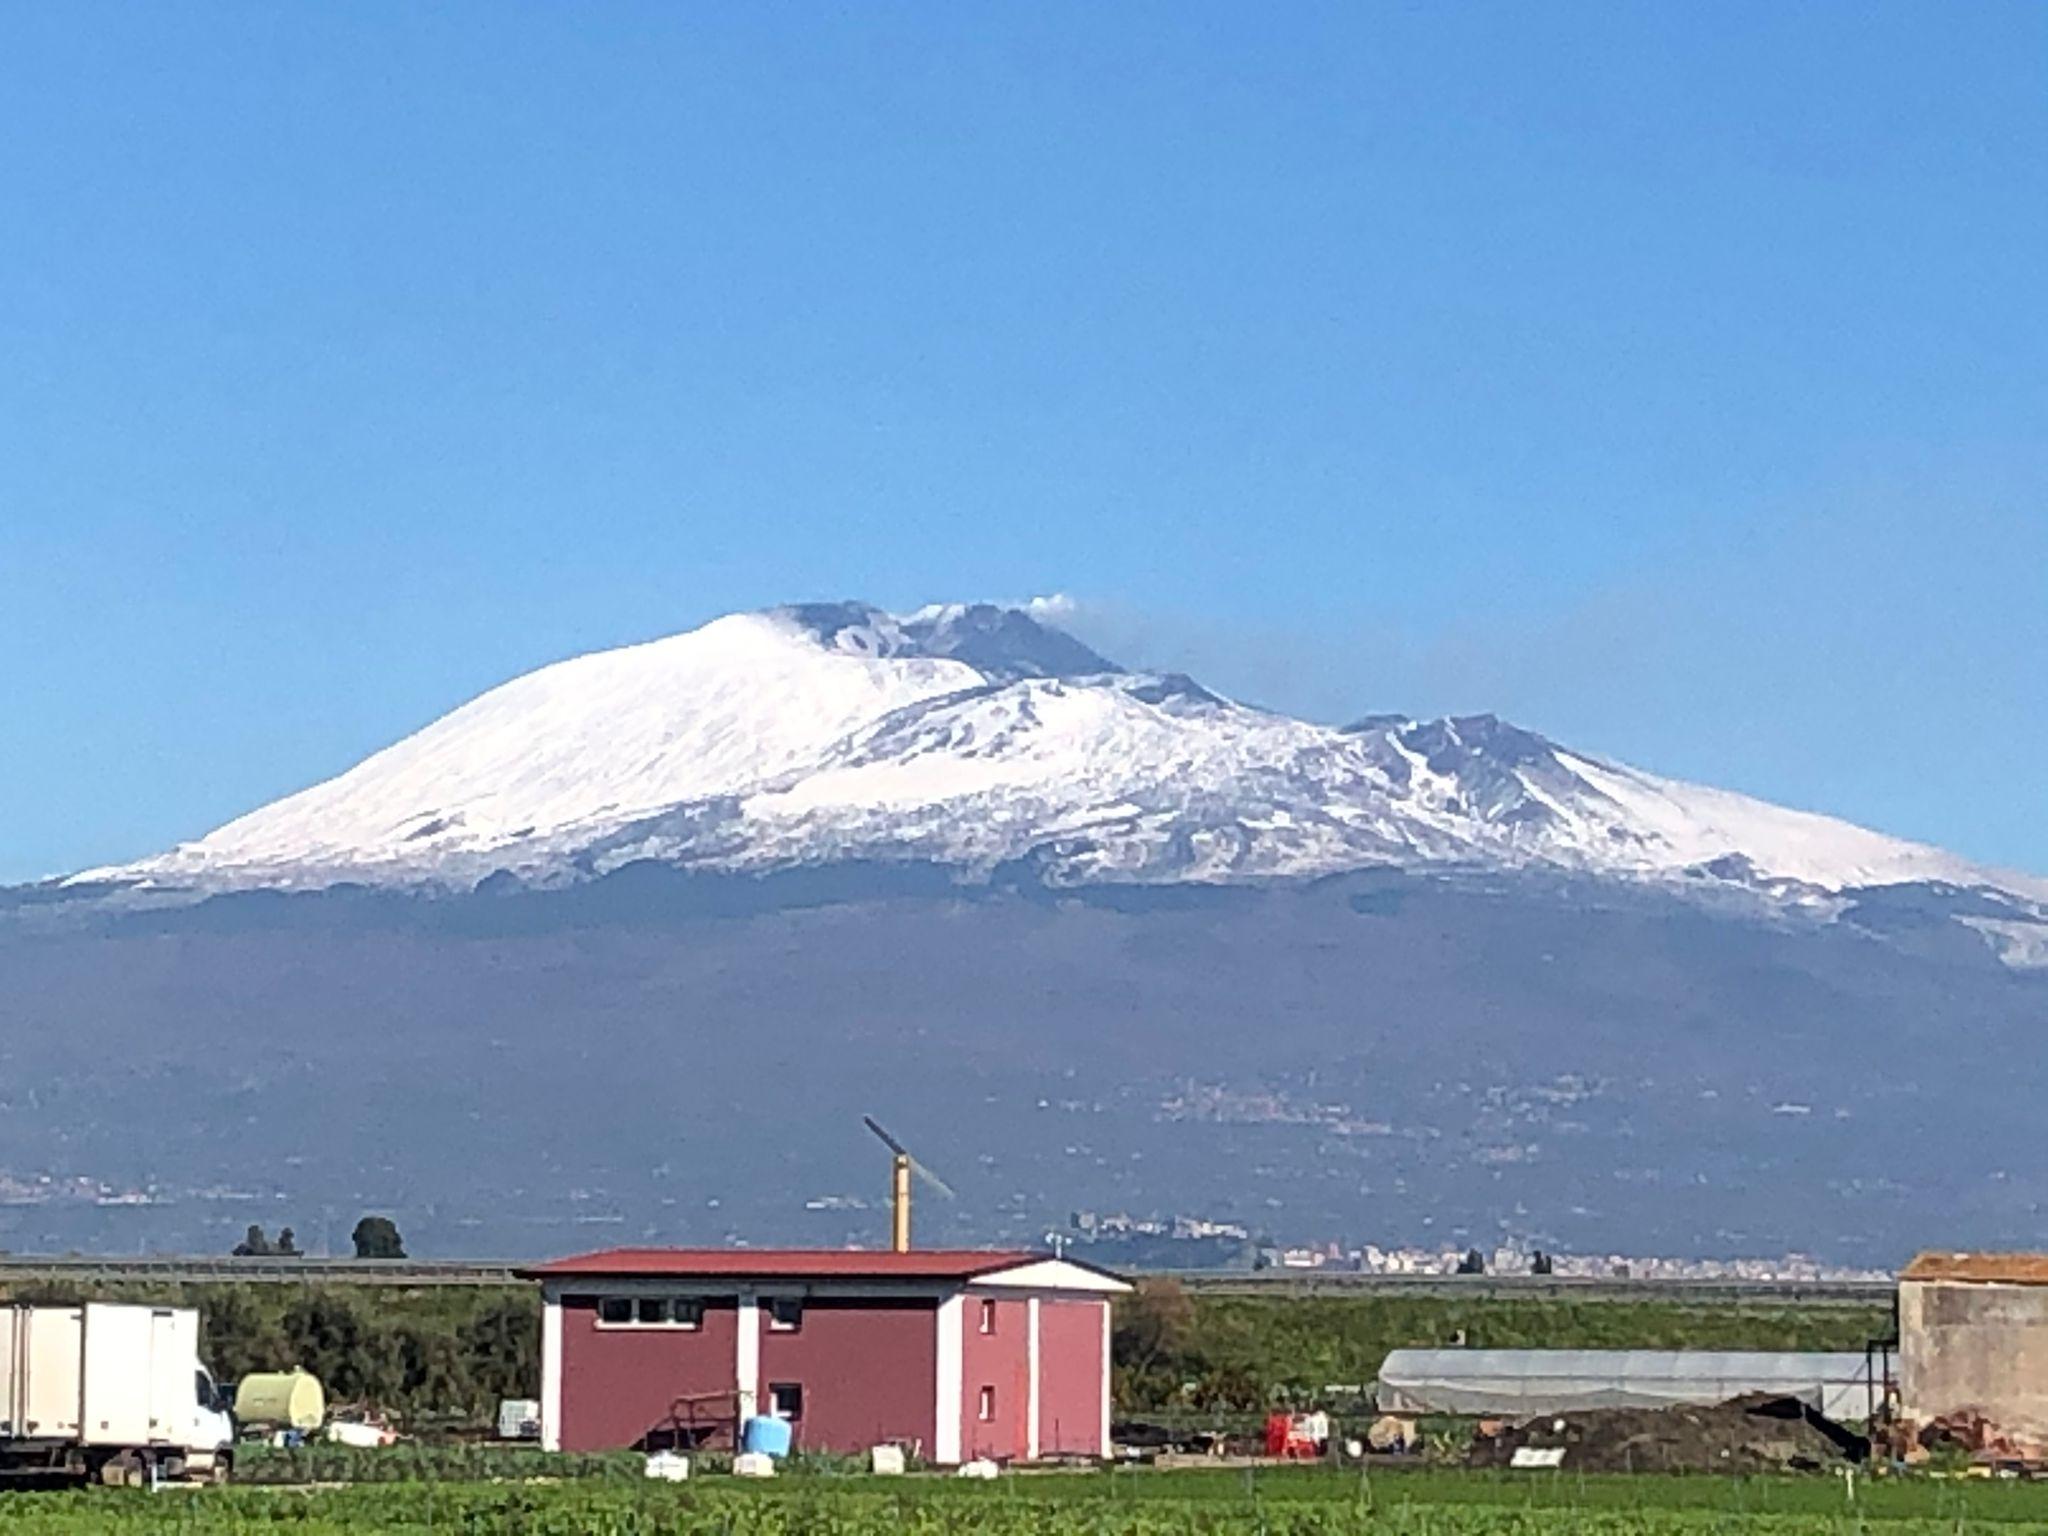 Si attenua la forza eruttiva dell'Etna: restano deboli emissioni di cenere